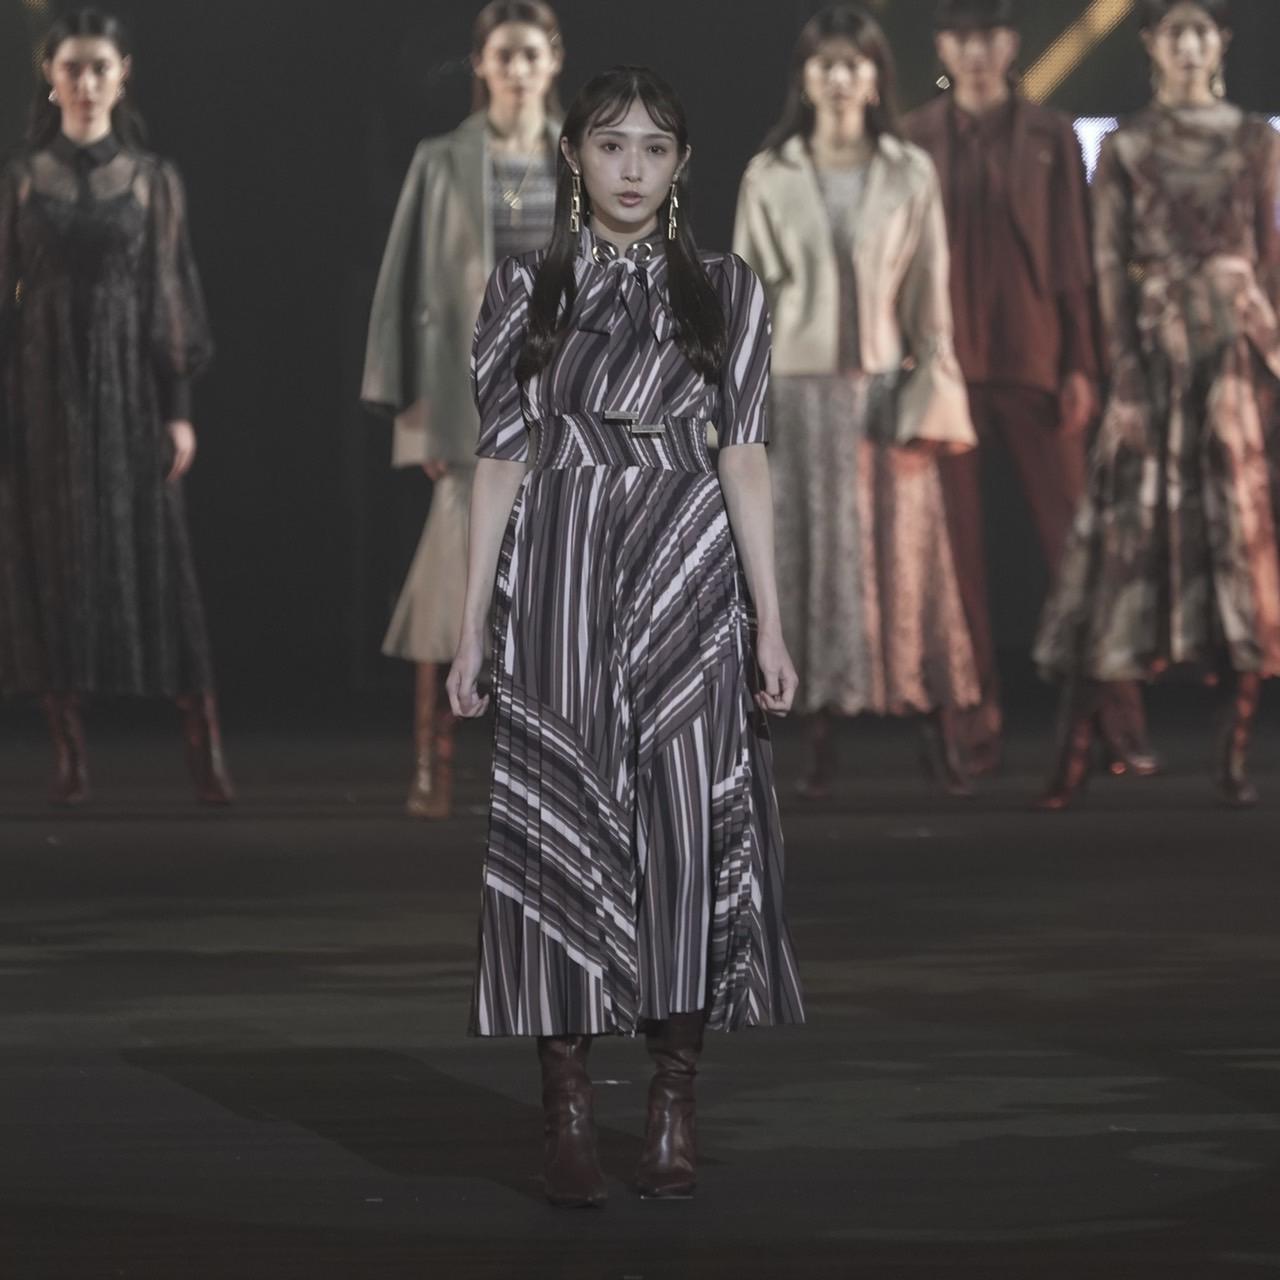 渡辺梨加(櫻坂46)東京ガールズコレクション 2021 AUTUMN/WINTER